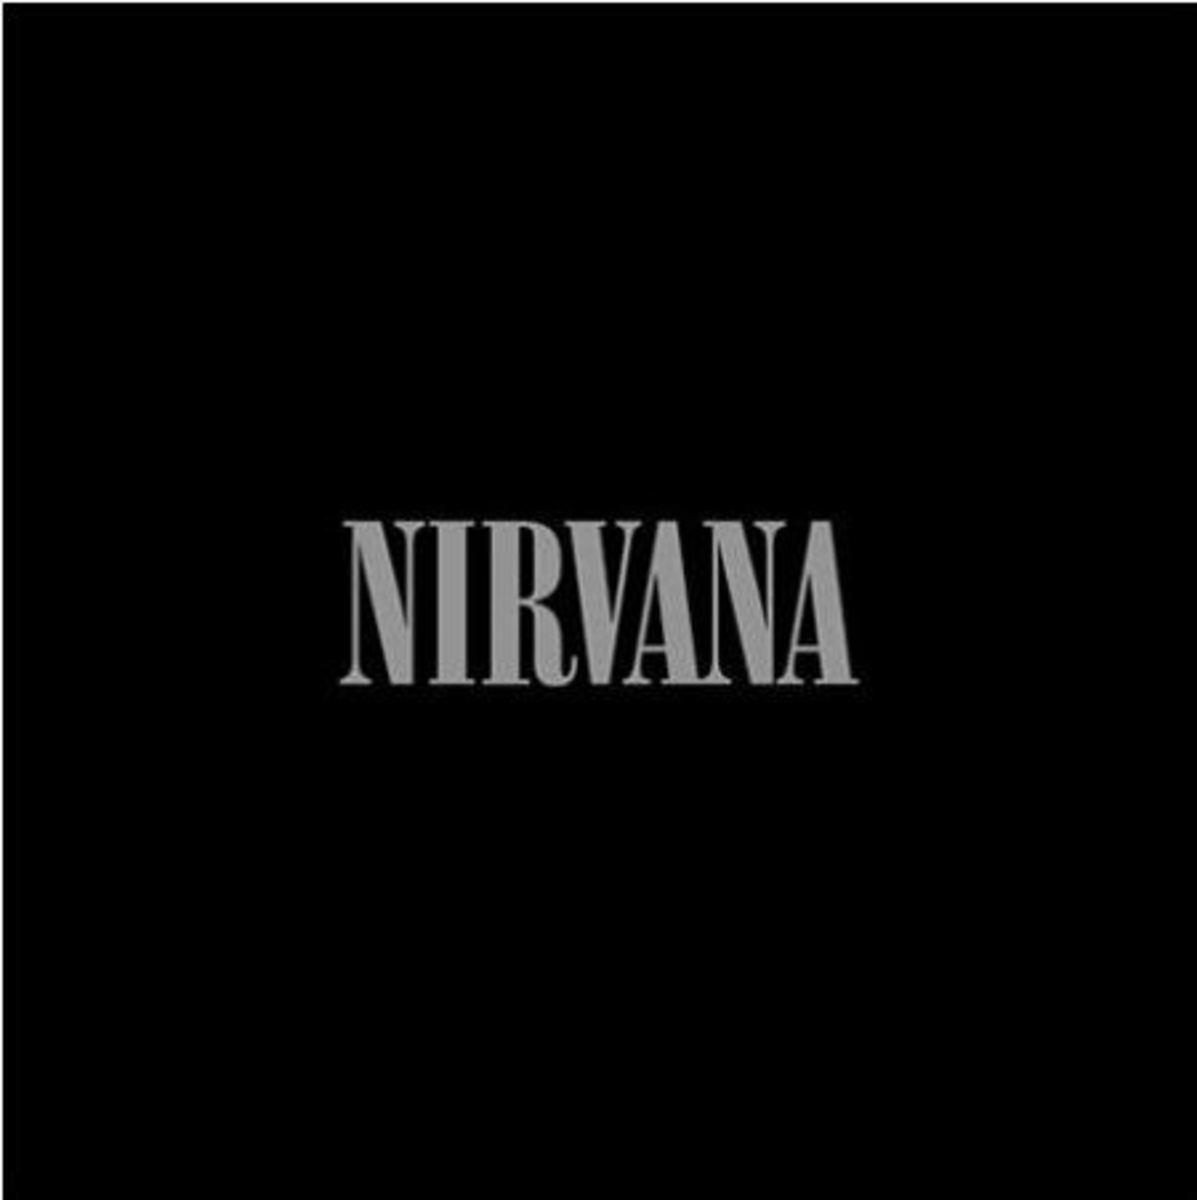 Top 10 Best Nirvana Songs